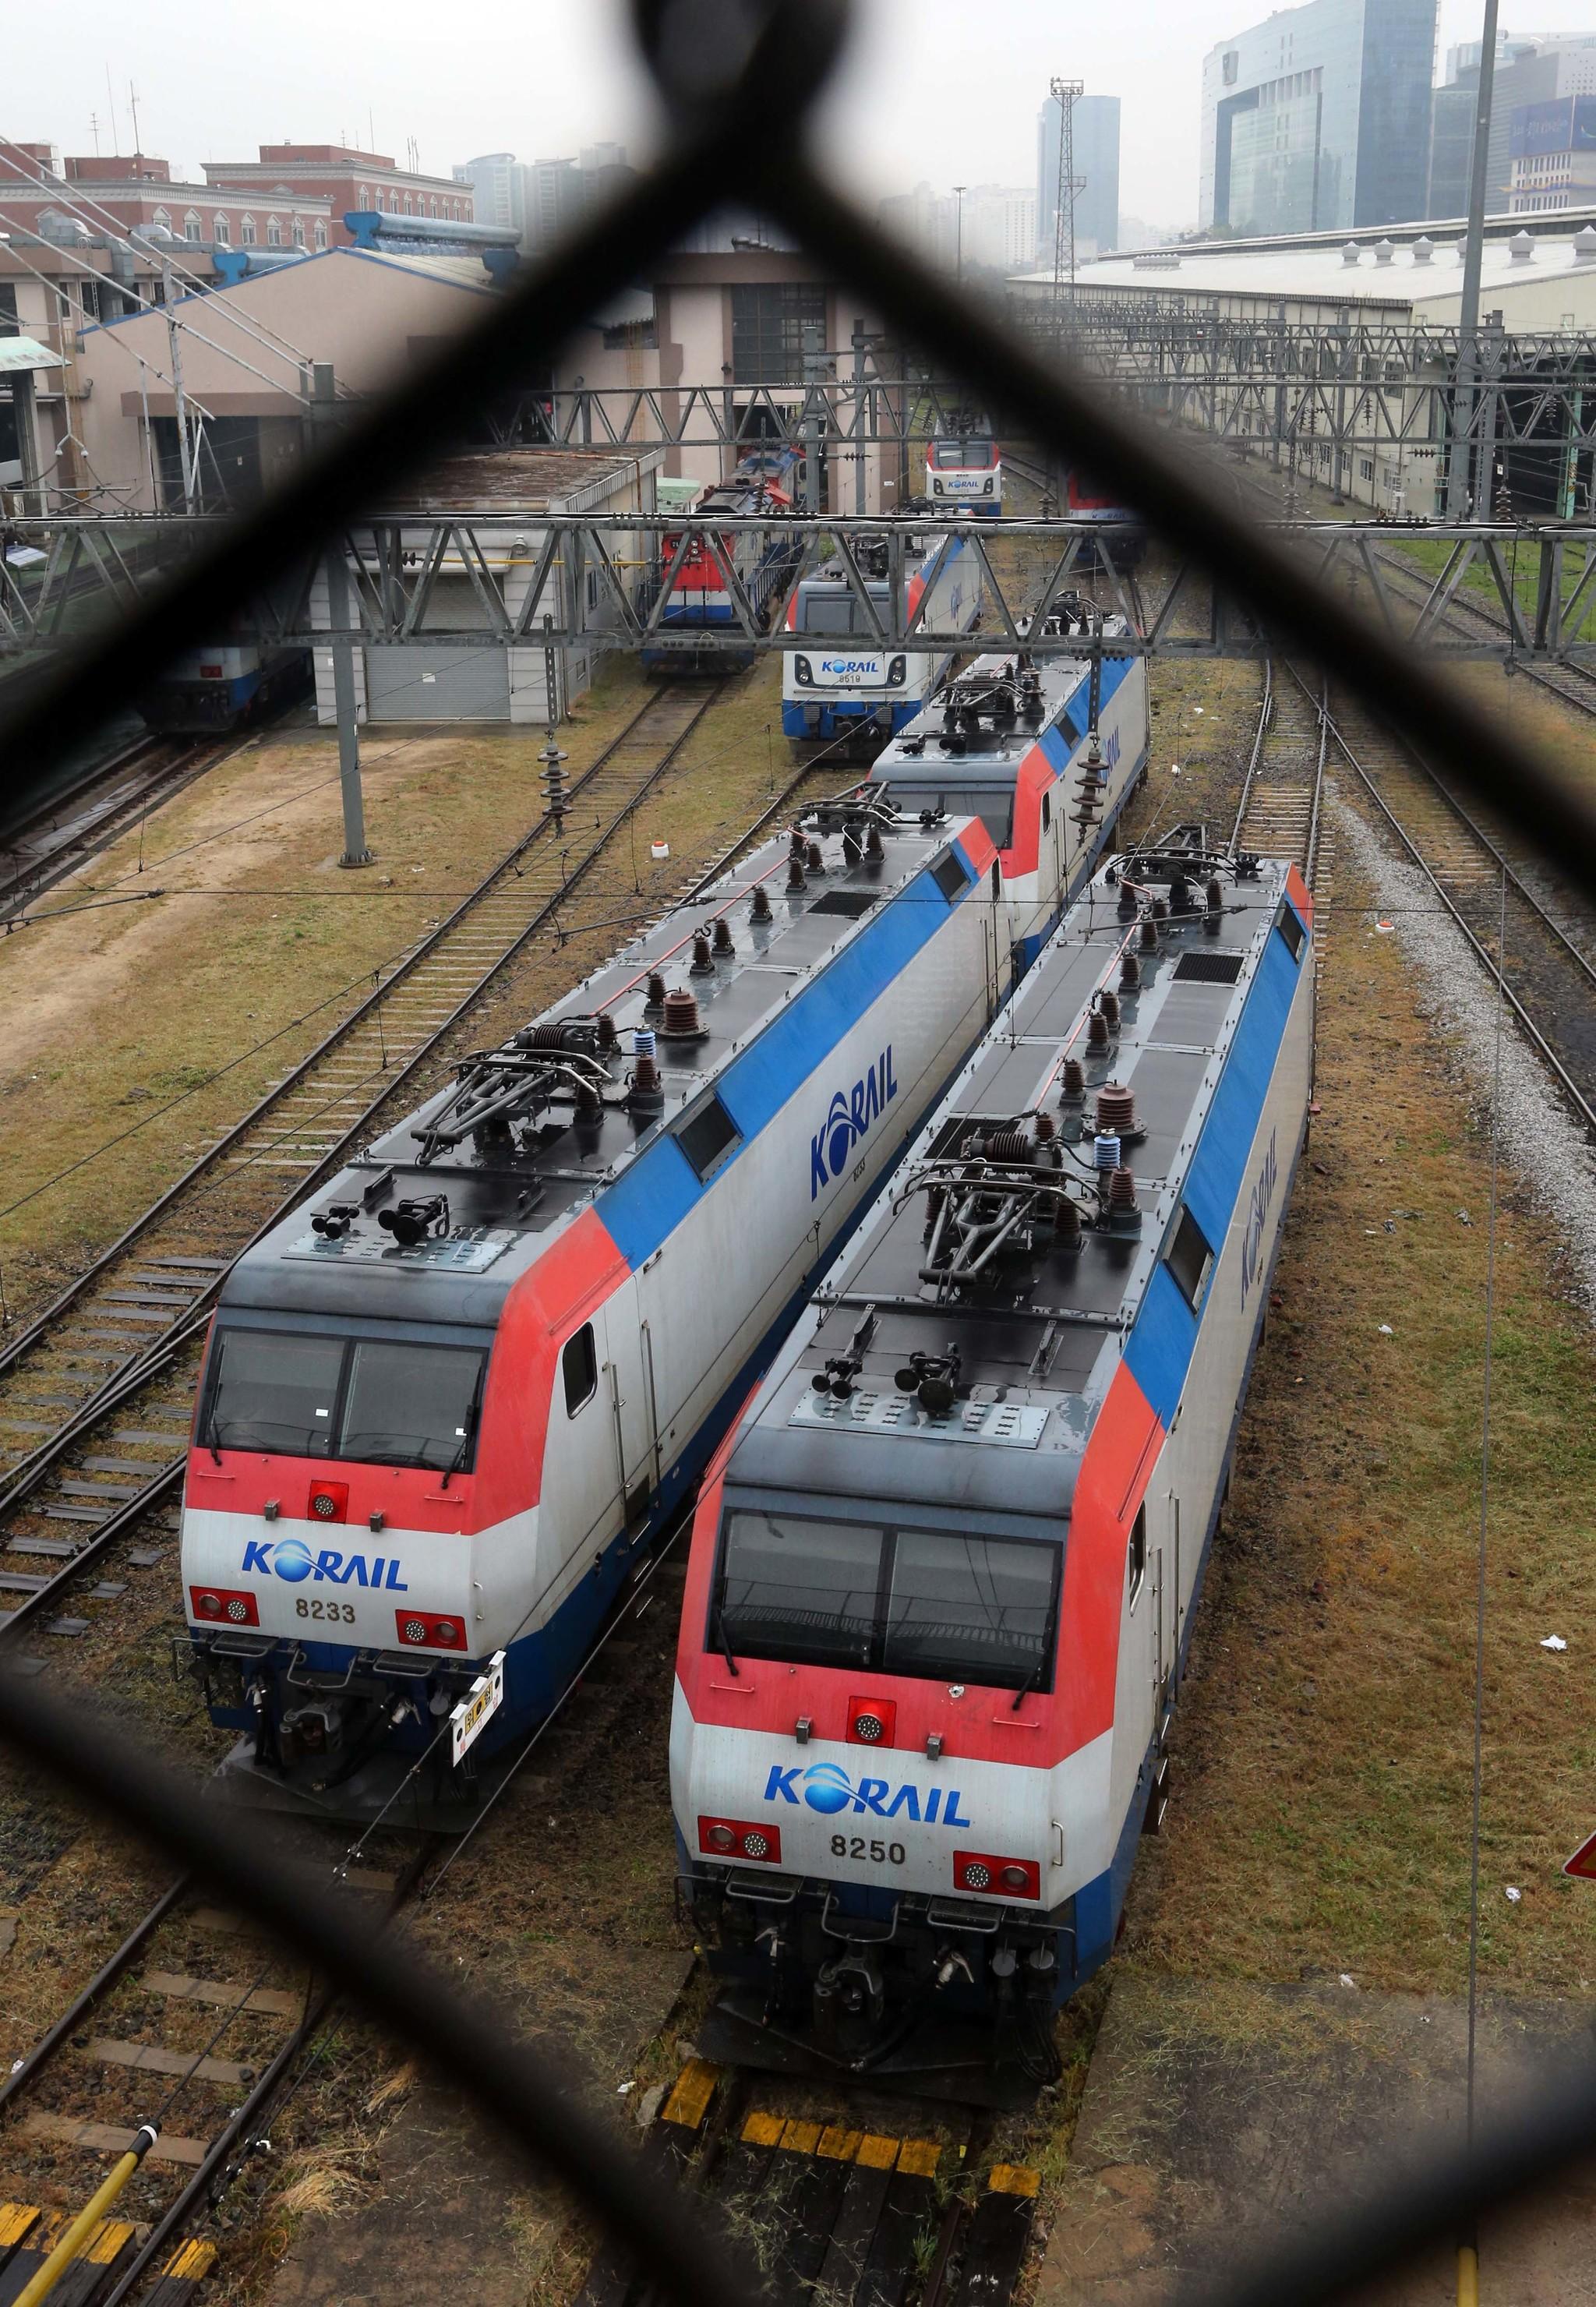 2016년 9월 철도노조 파업으로 서울 수색차량기지에 국철 기관차들이 멈춰 서있다. [중앙노조]